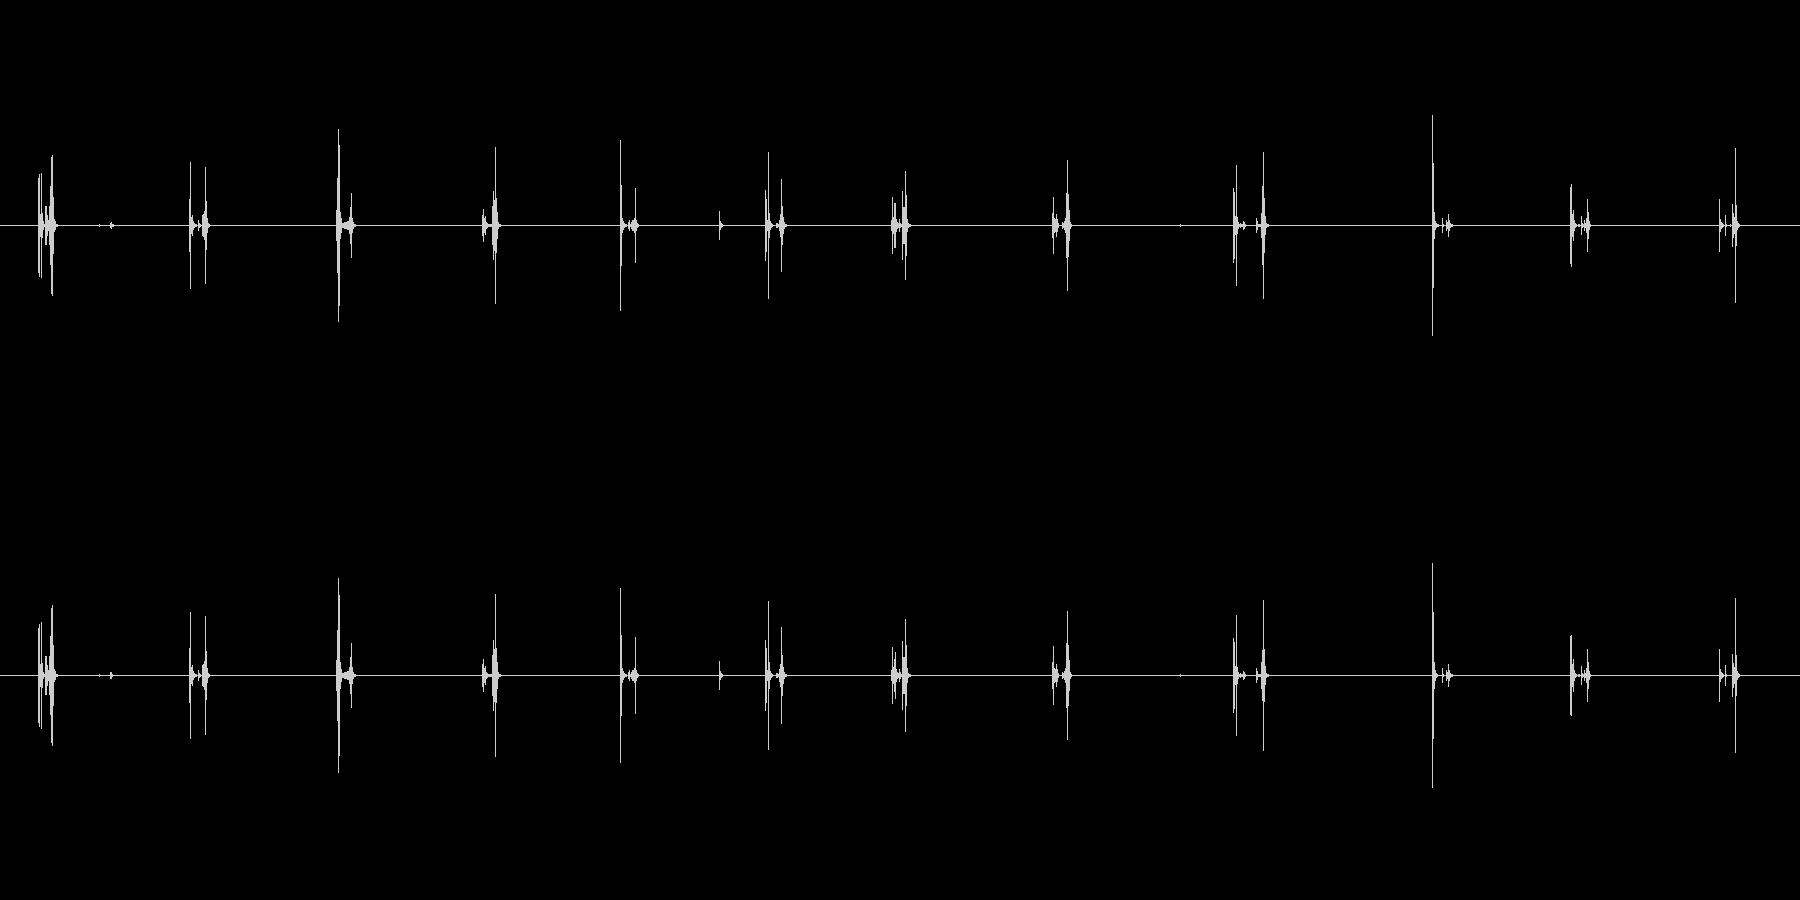 【PC キーボード01-1】の未再生の波形